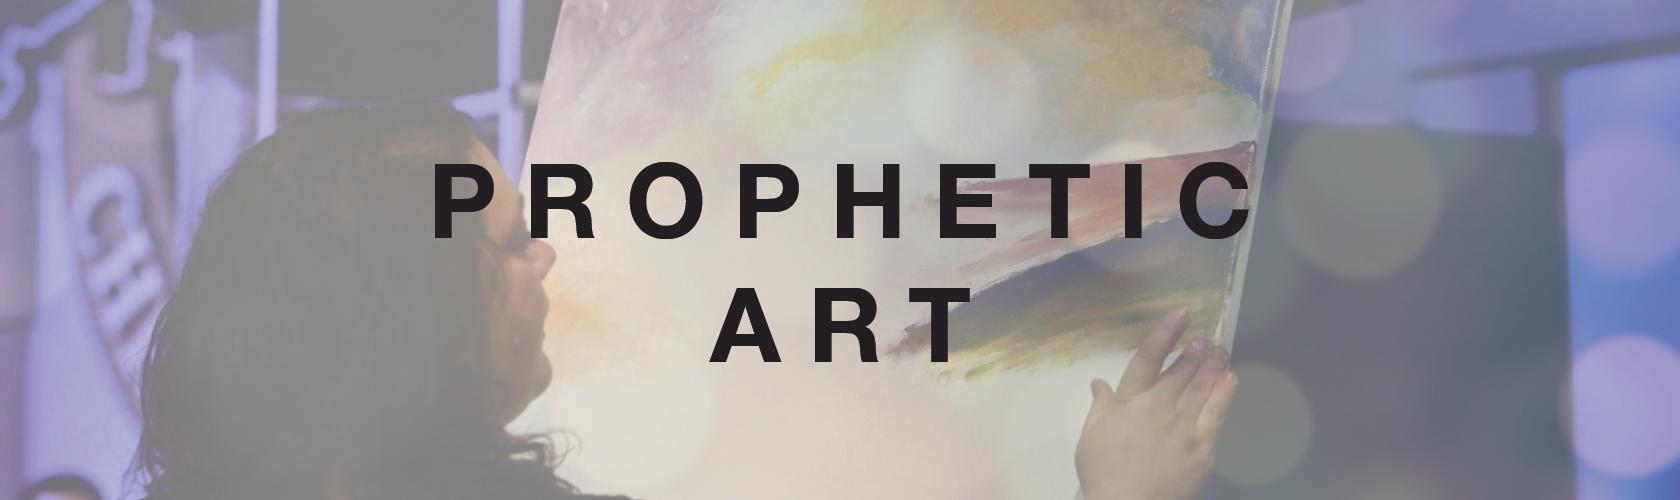 PropheticArt